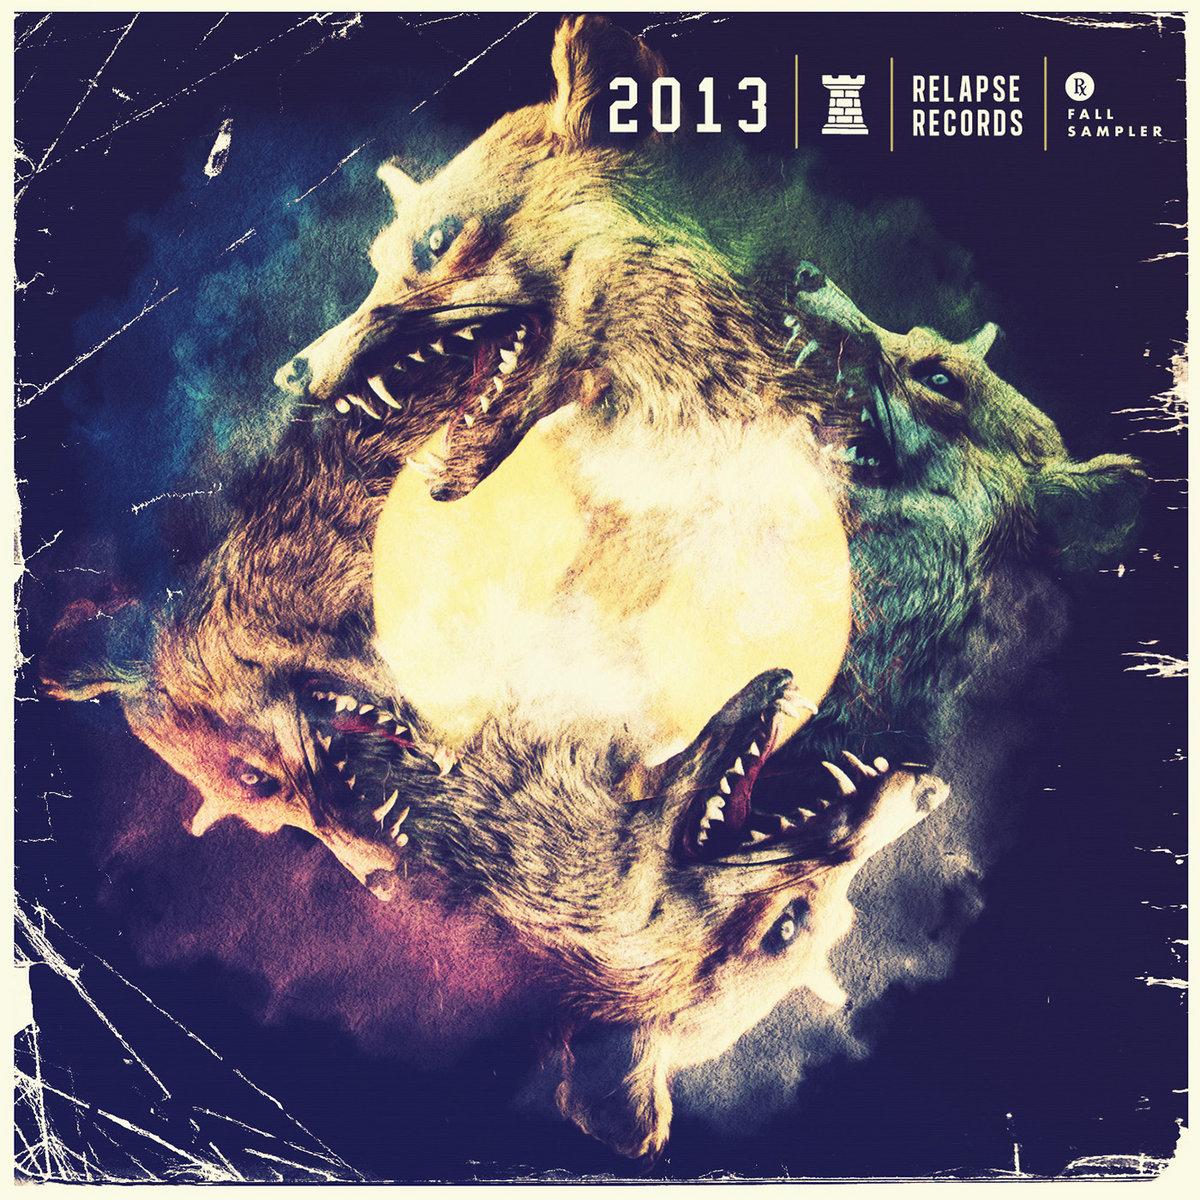 Relapse Sampler 2013